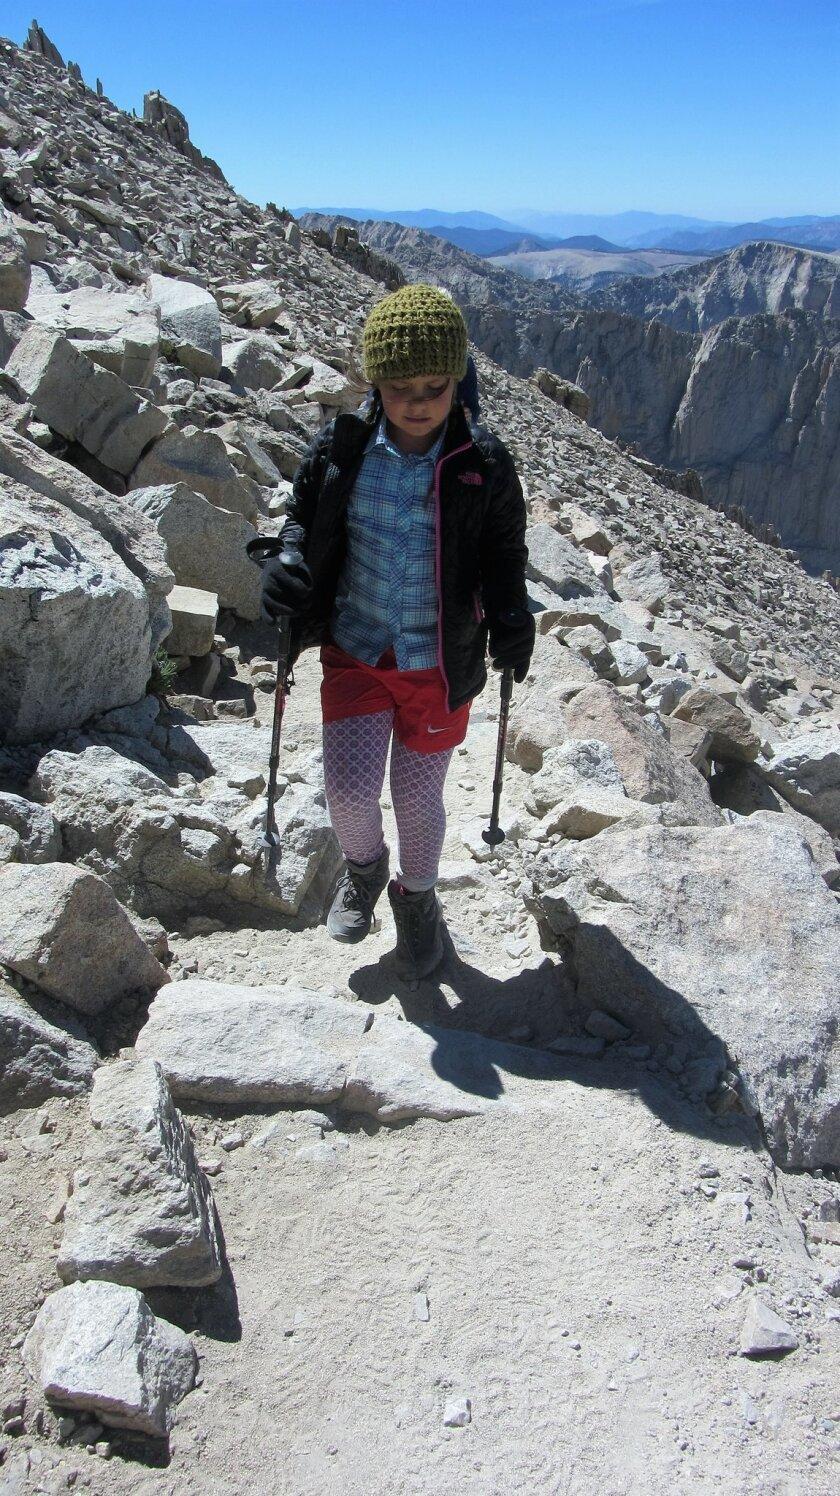 """""""Now I feel like I can climb any mountain!"""" — Jenna Jaffe, 10"""